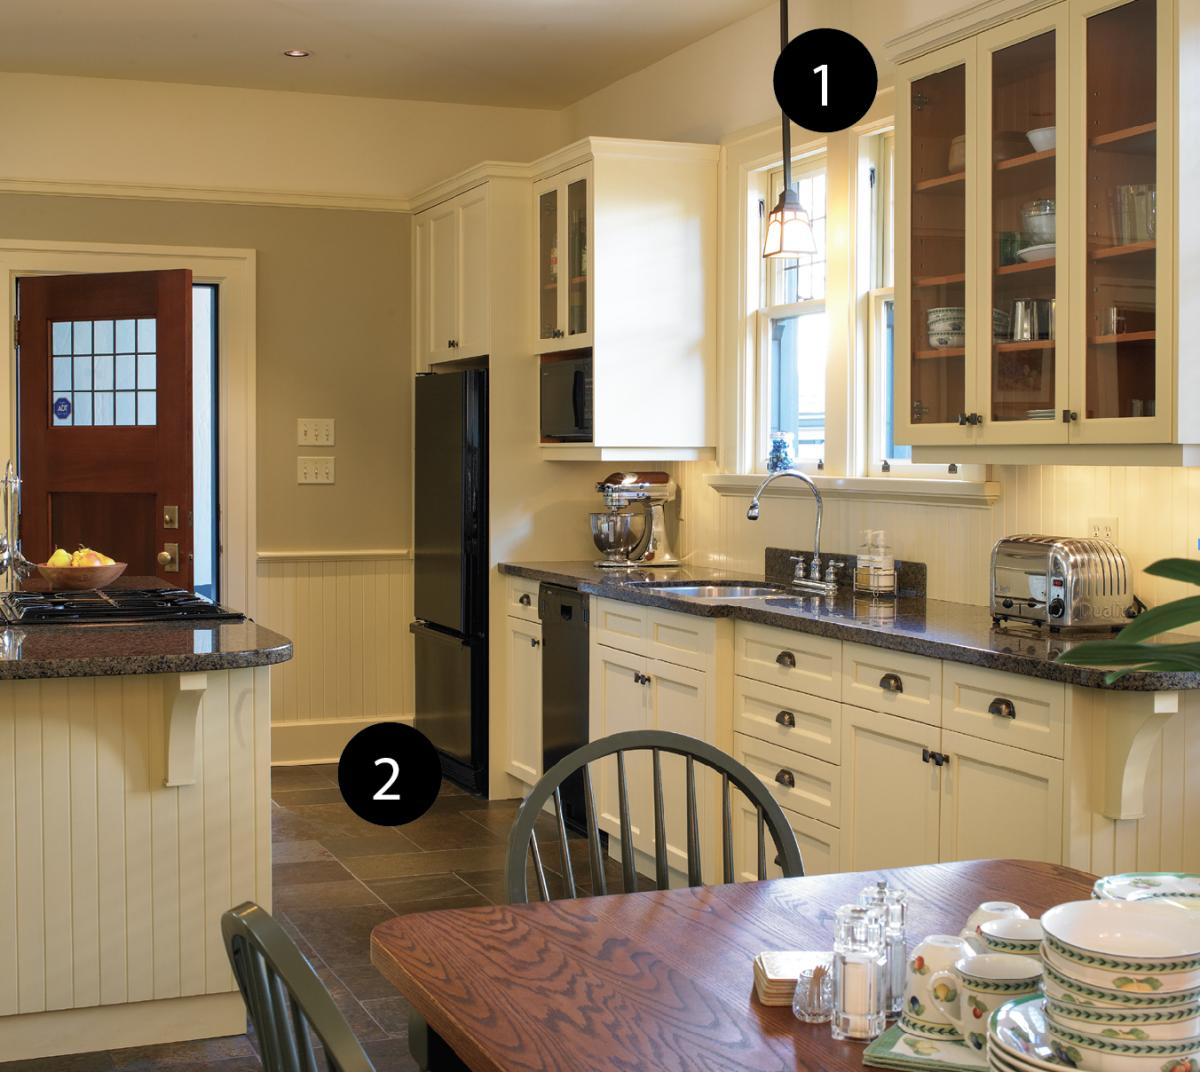 An English Arts Crafts Kitchen In 2020 Kitchen Craft Cabinets Kitchen Art Home Decor Kitchen